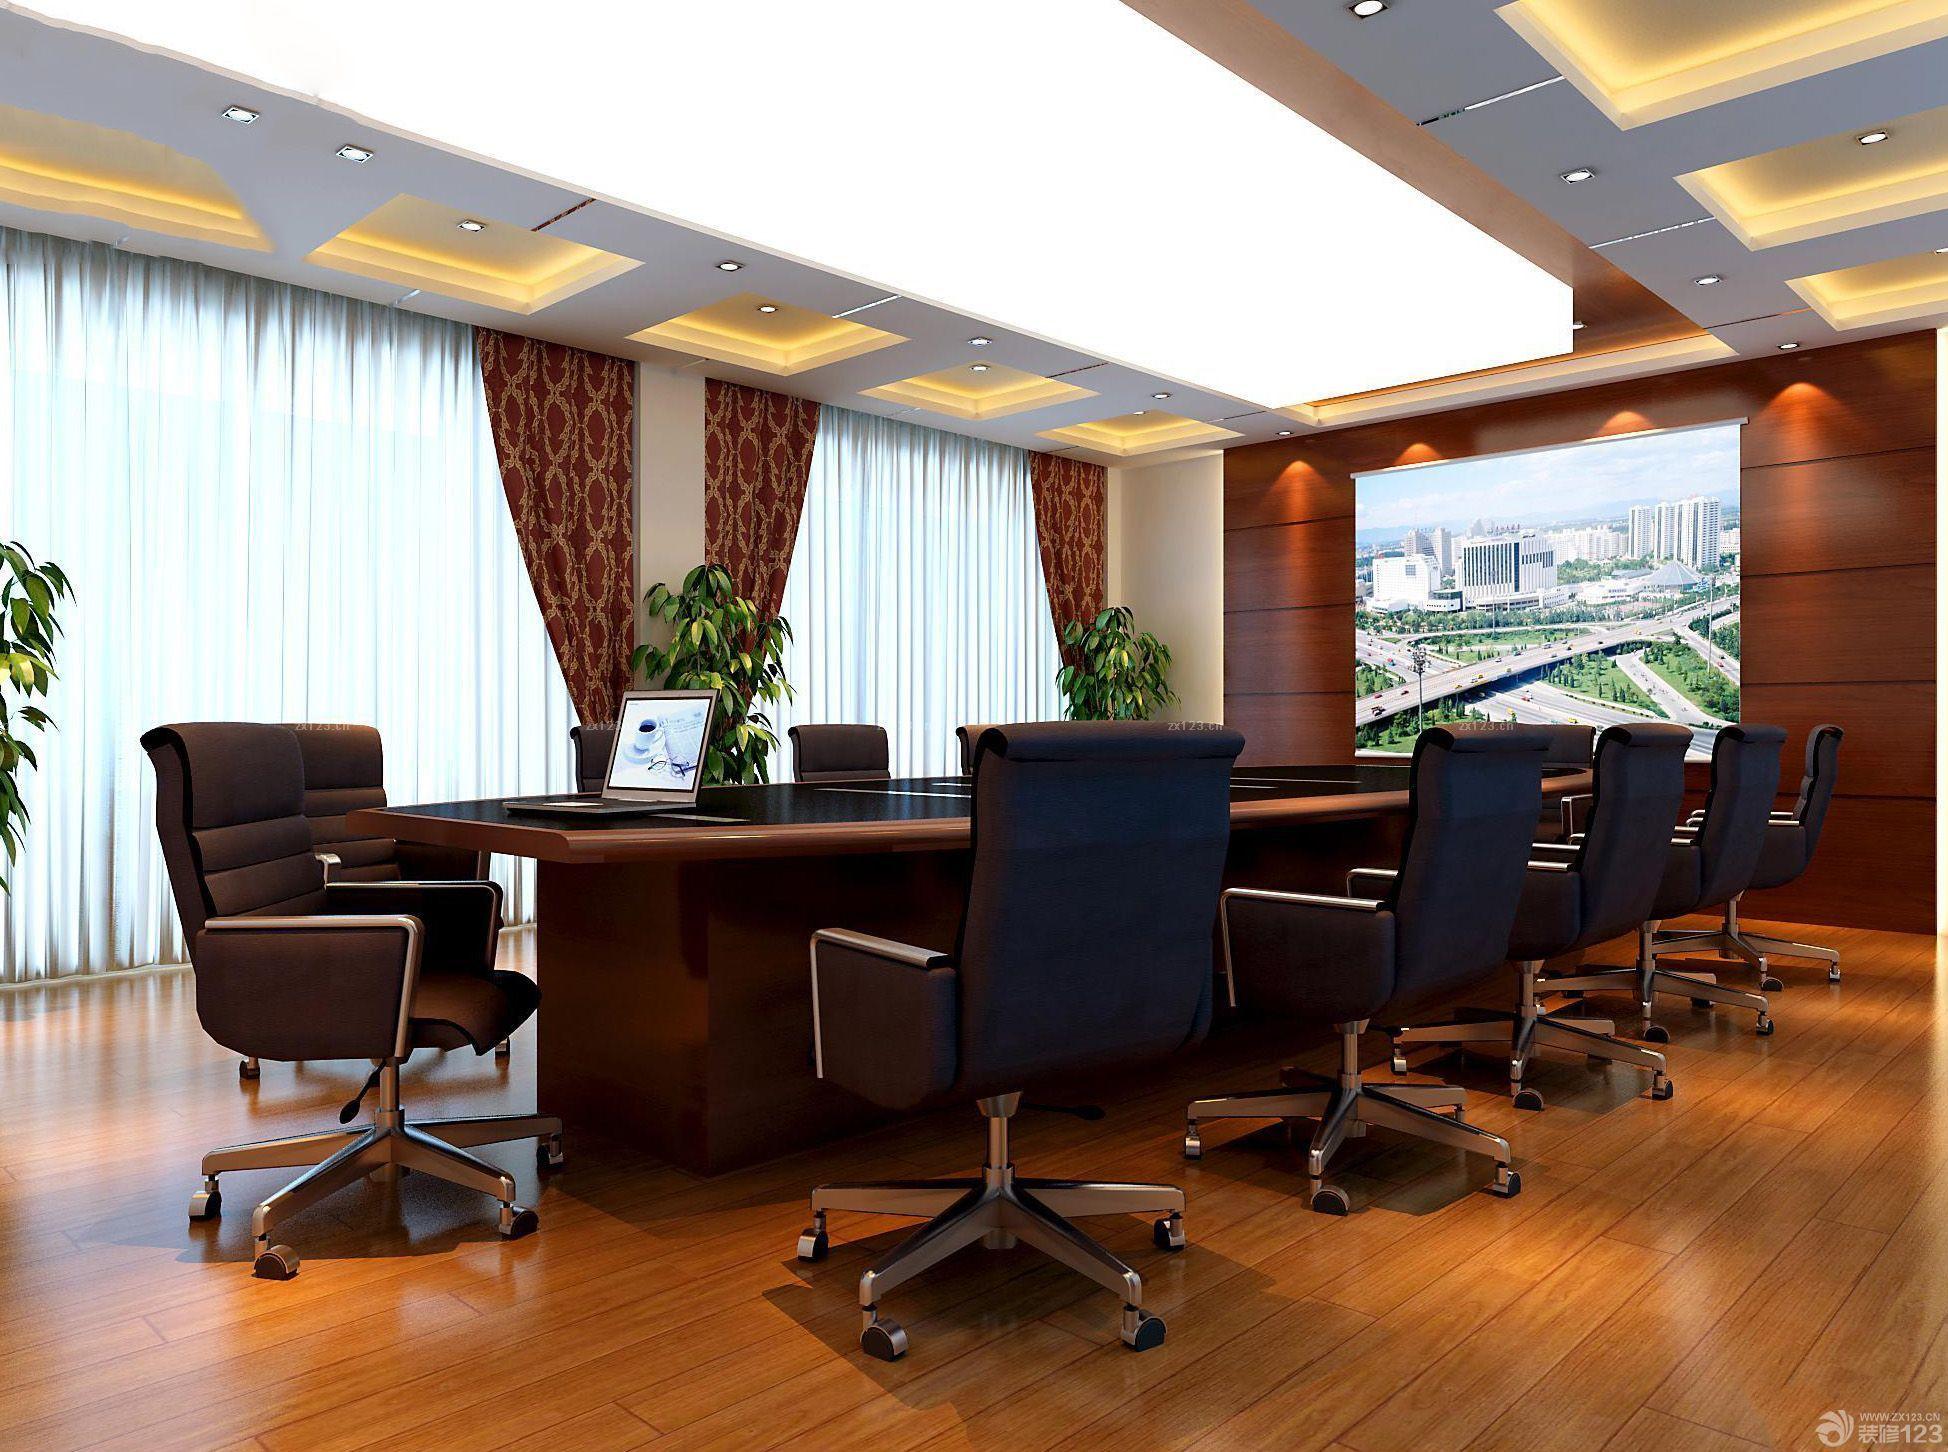 视频会议室 设计本装修效果图